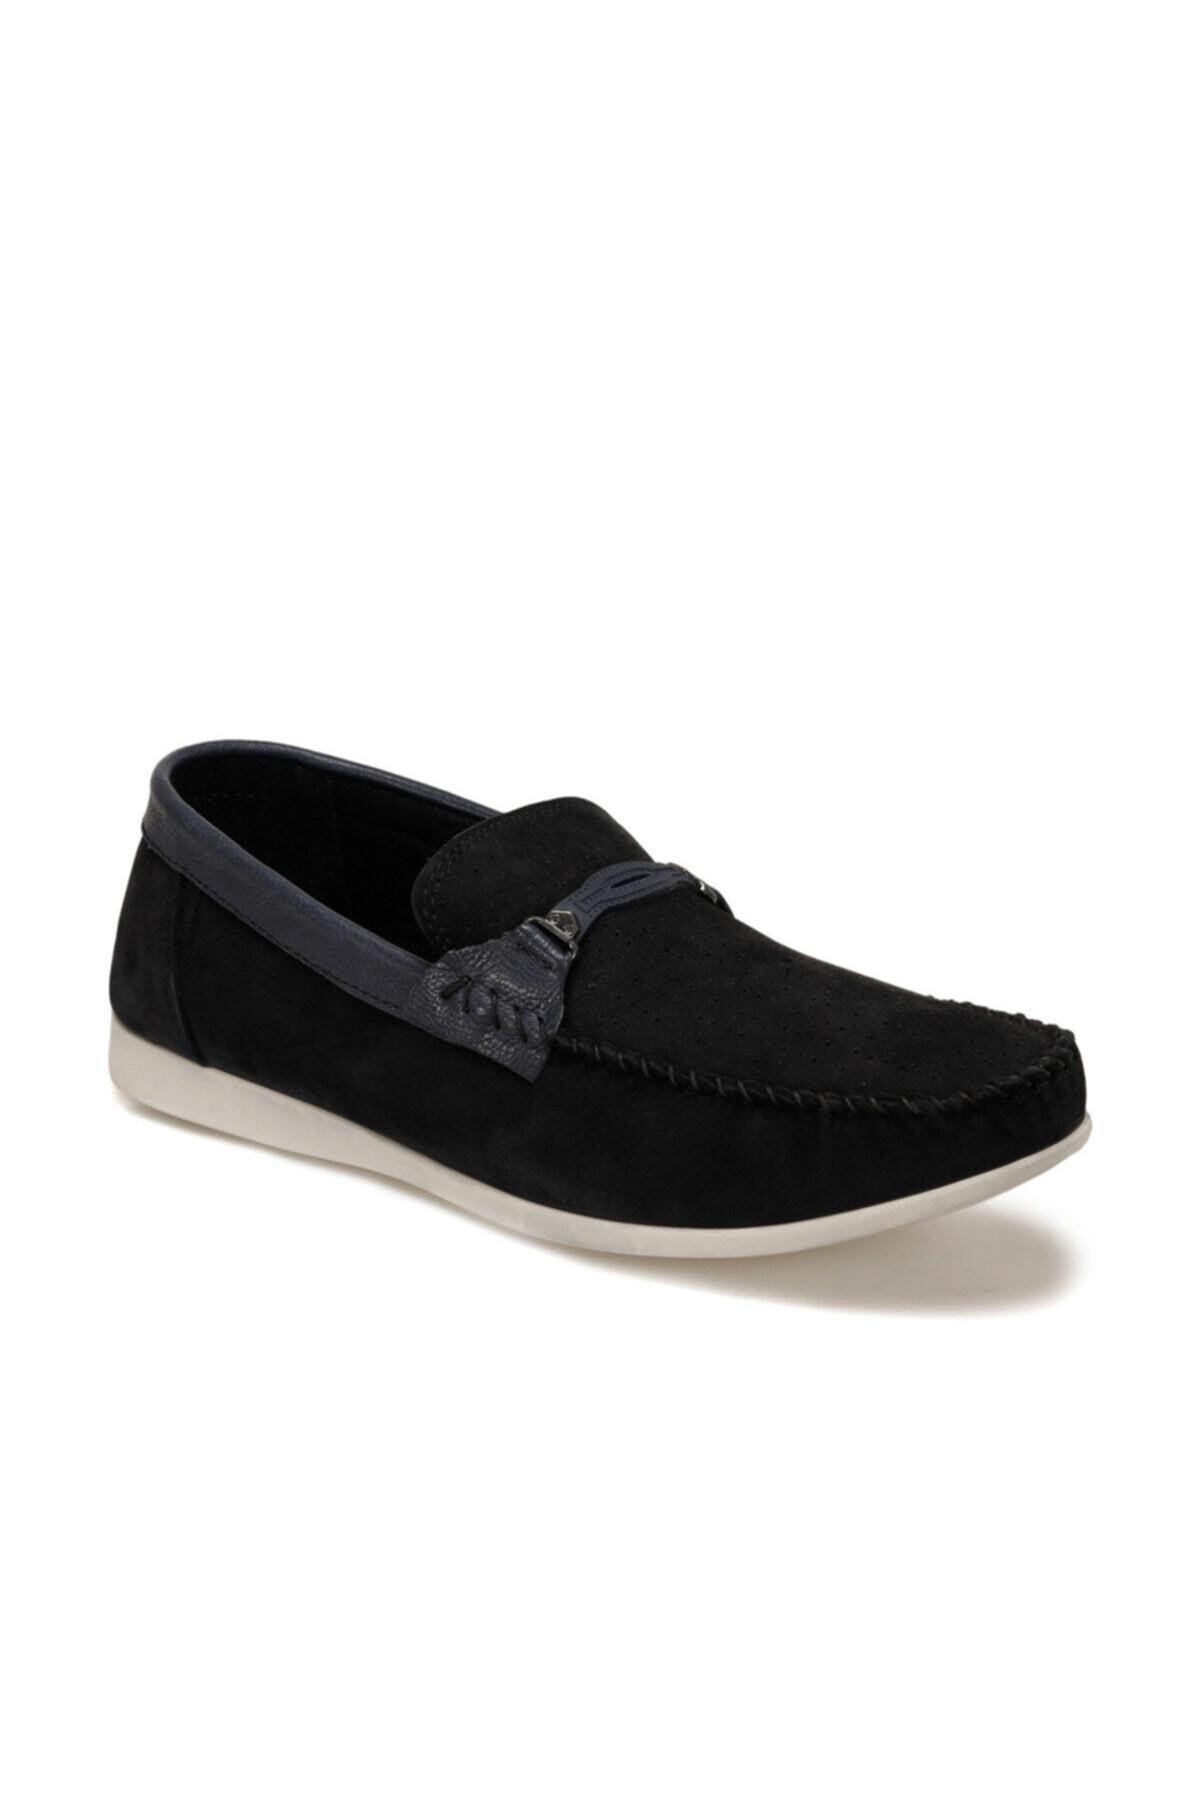 OXIDE MDS194 Lacivert Erkek Ayakkabı 100383948 1